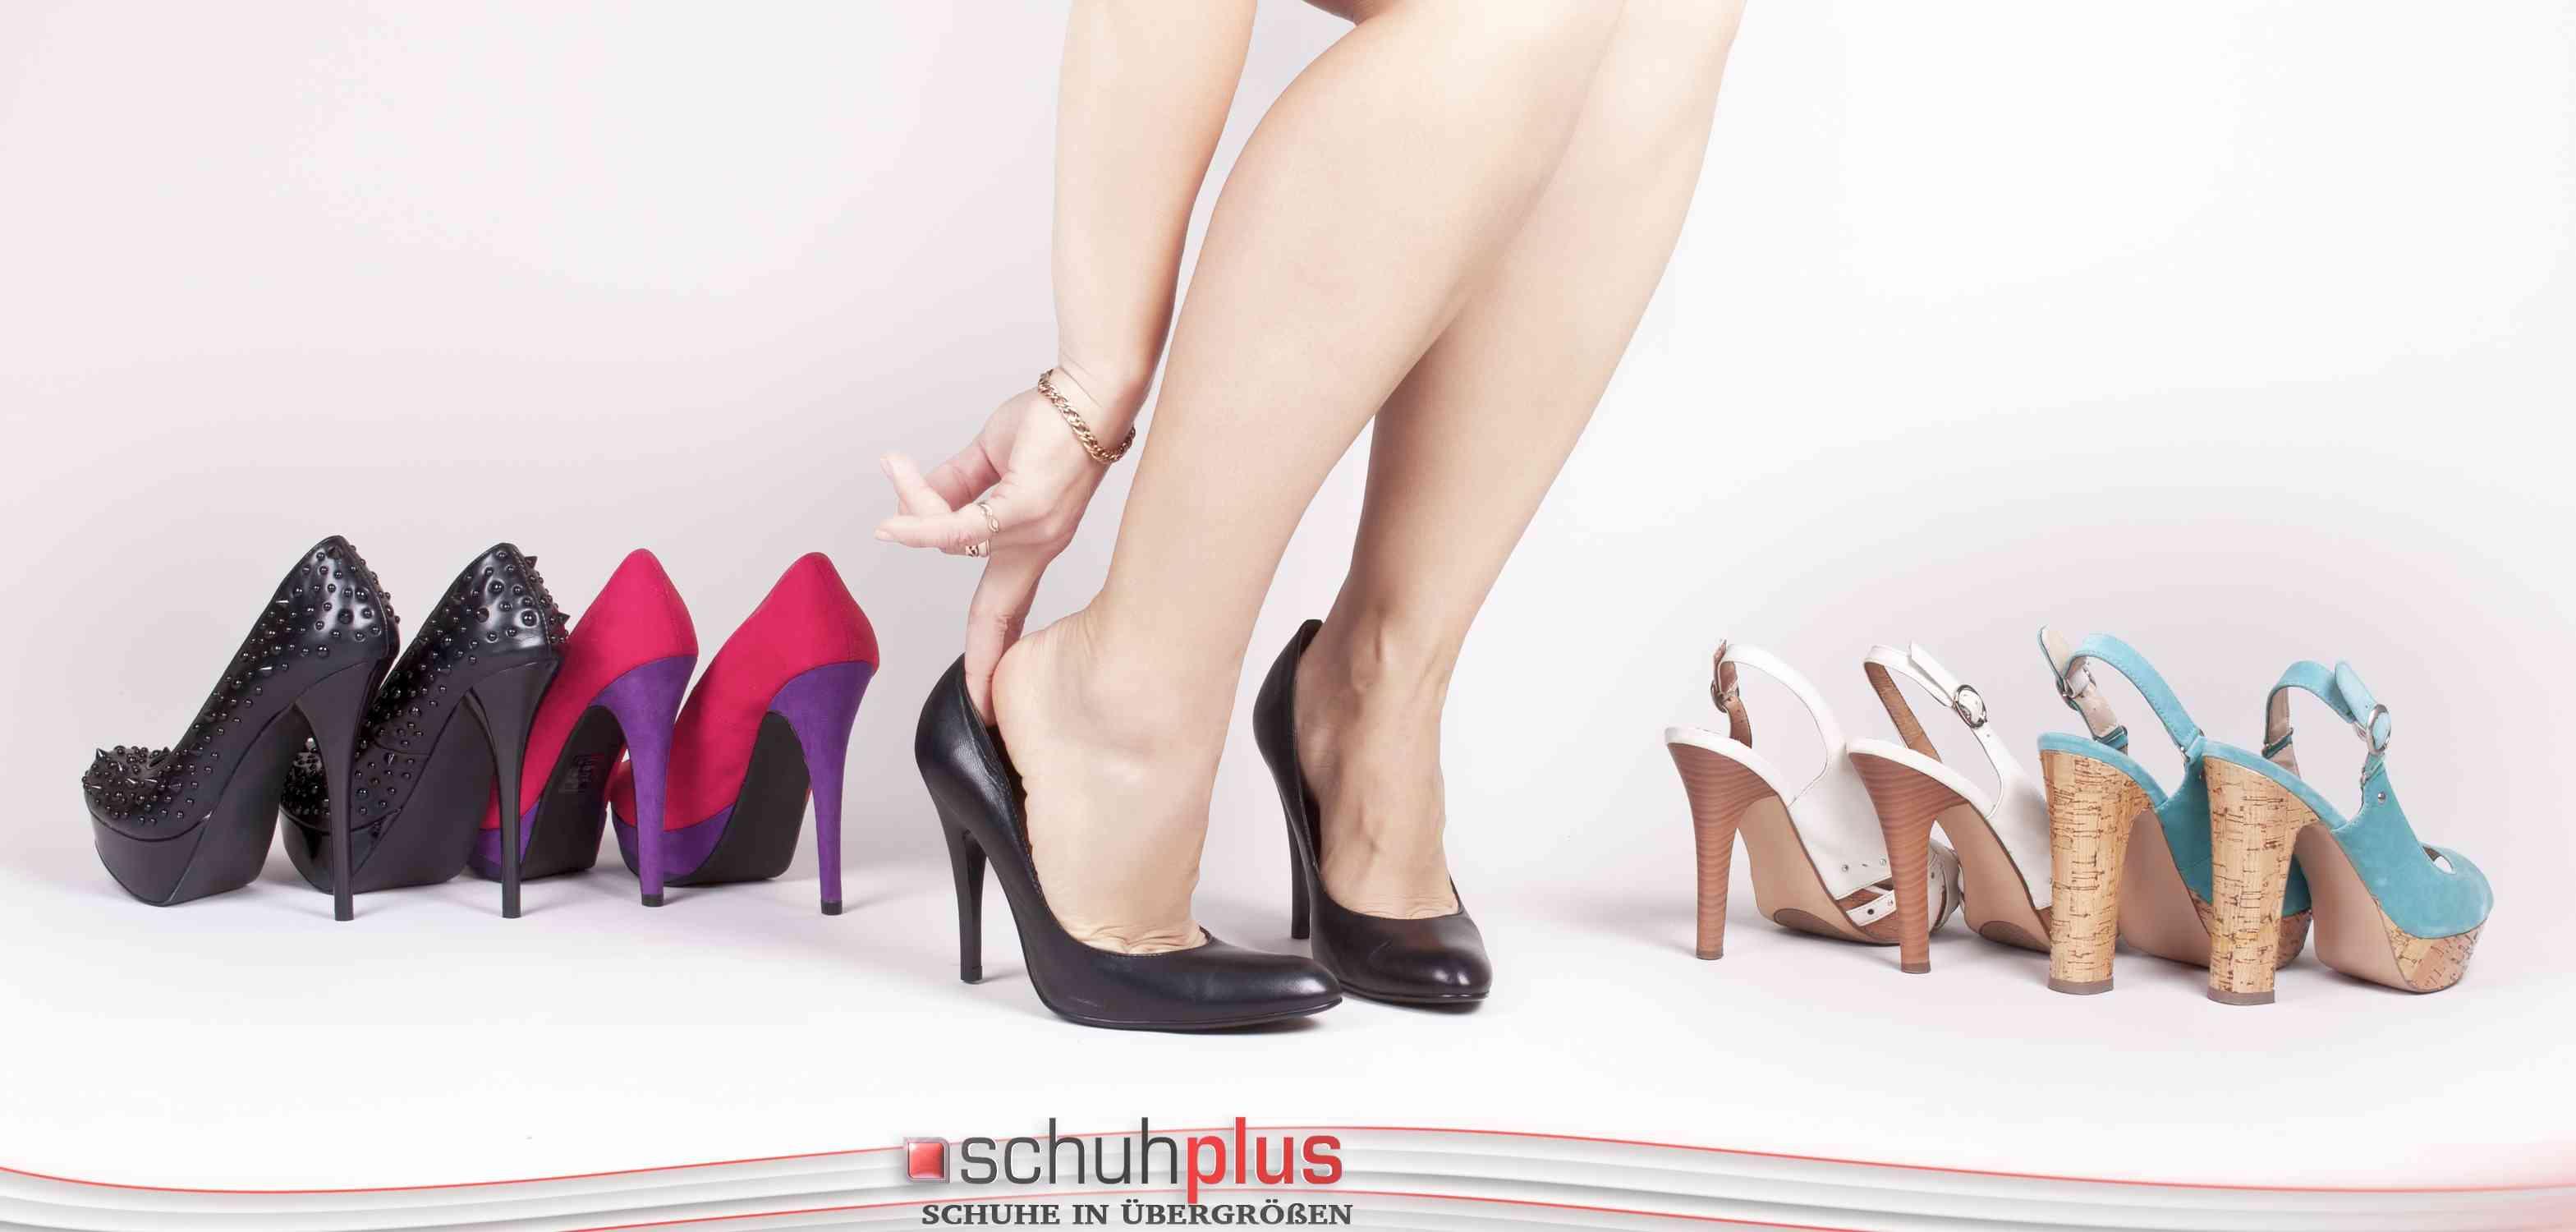 online retailer f221a 887c1 Glamouröse und elegante Schuhe vom Übergrößen-Spezialisten ...